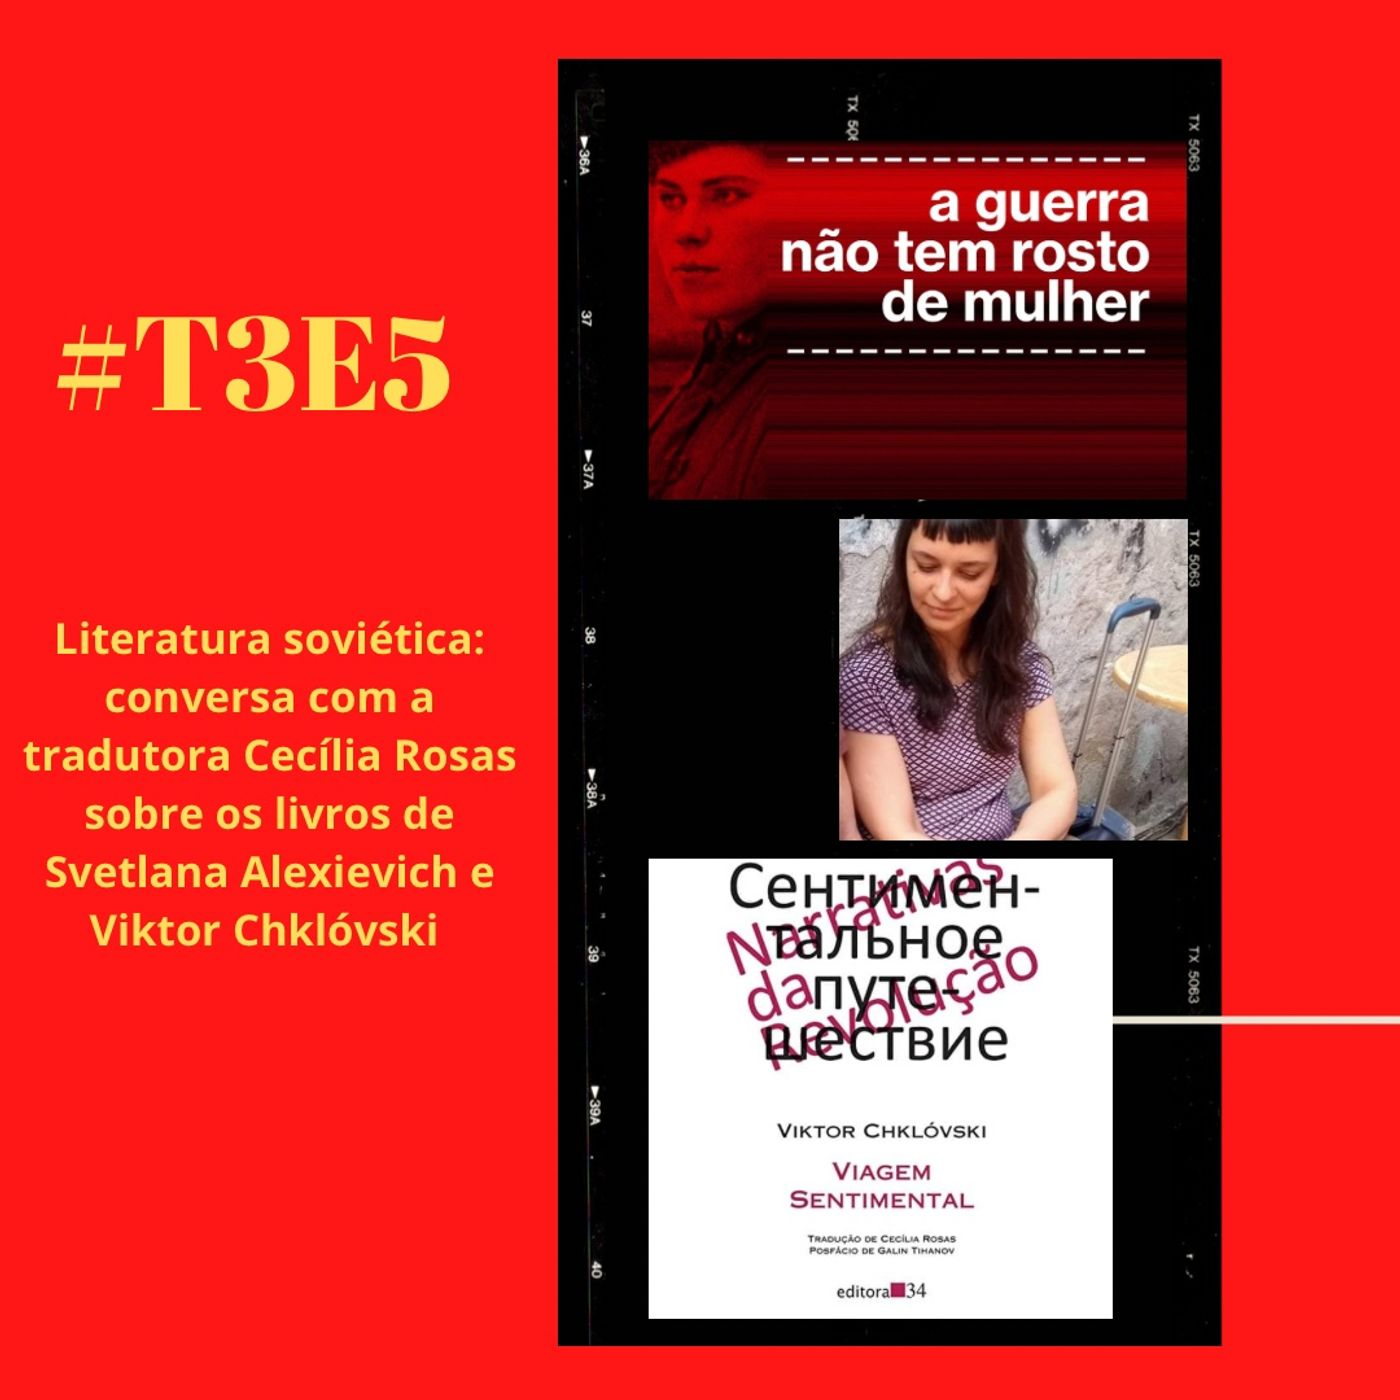 t03e05 - Livros do período soviético, com Cecília Rosas